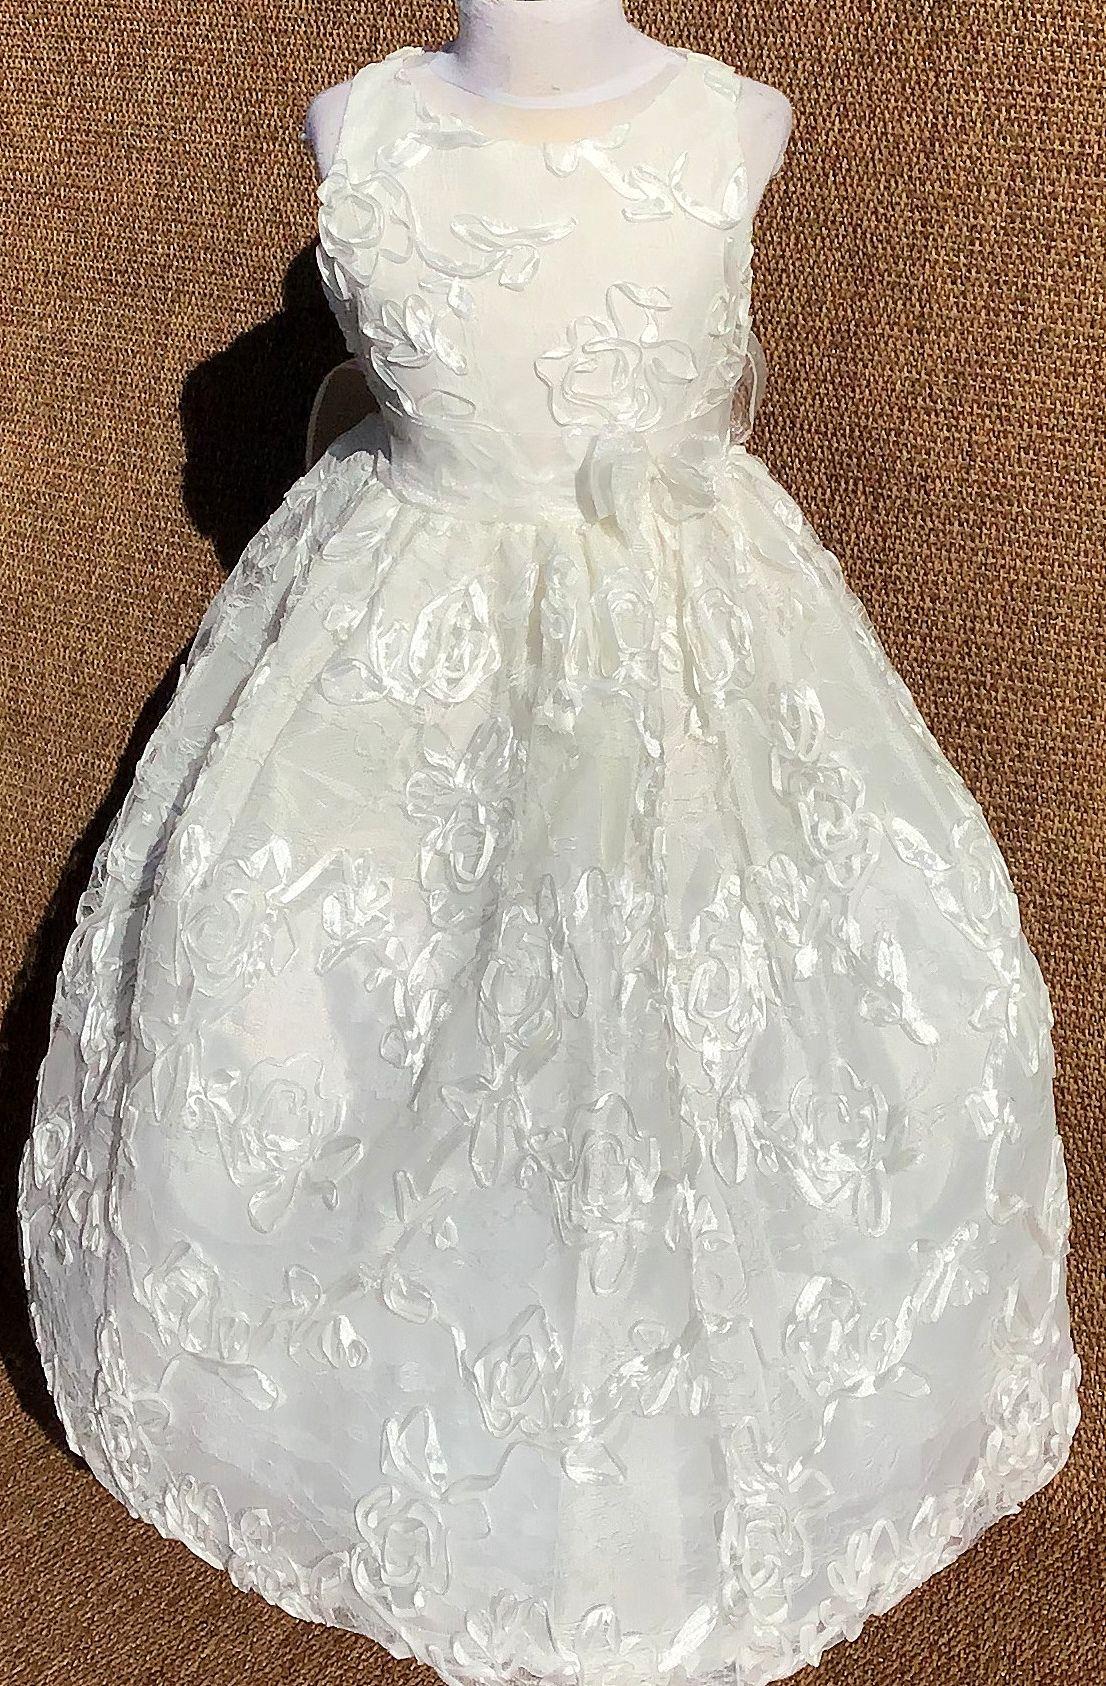 Koszorúslány ruha KO 009 : virágos koszoruslány ruha